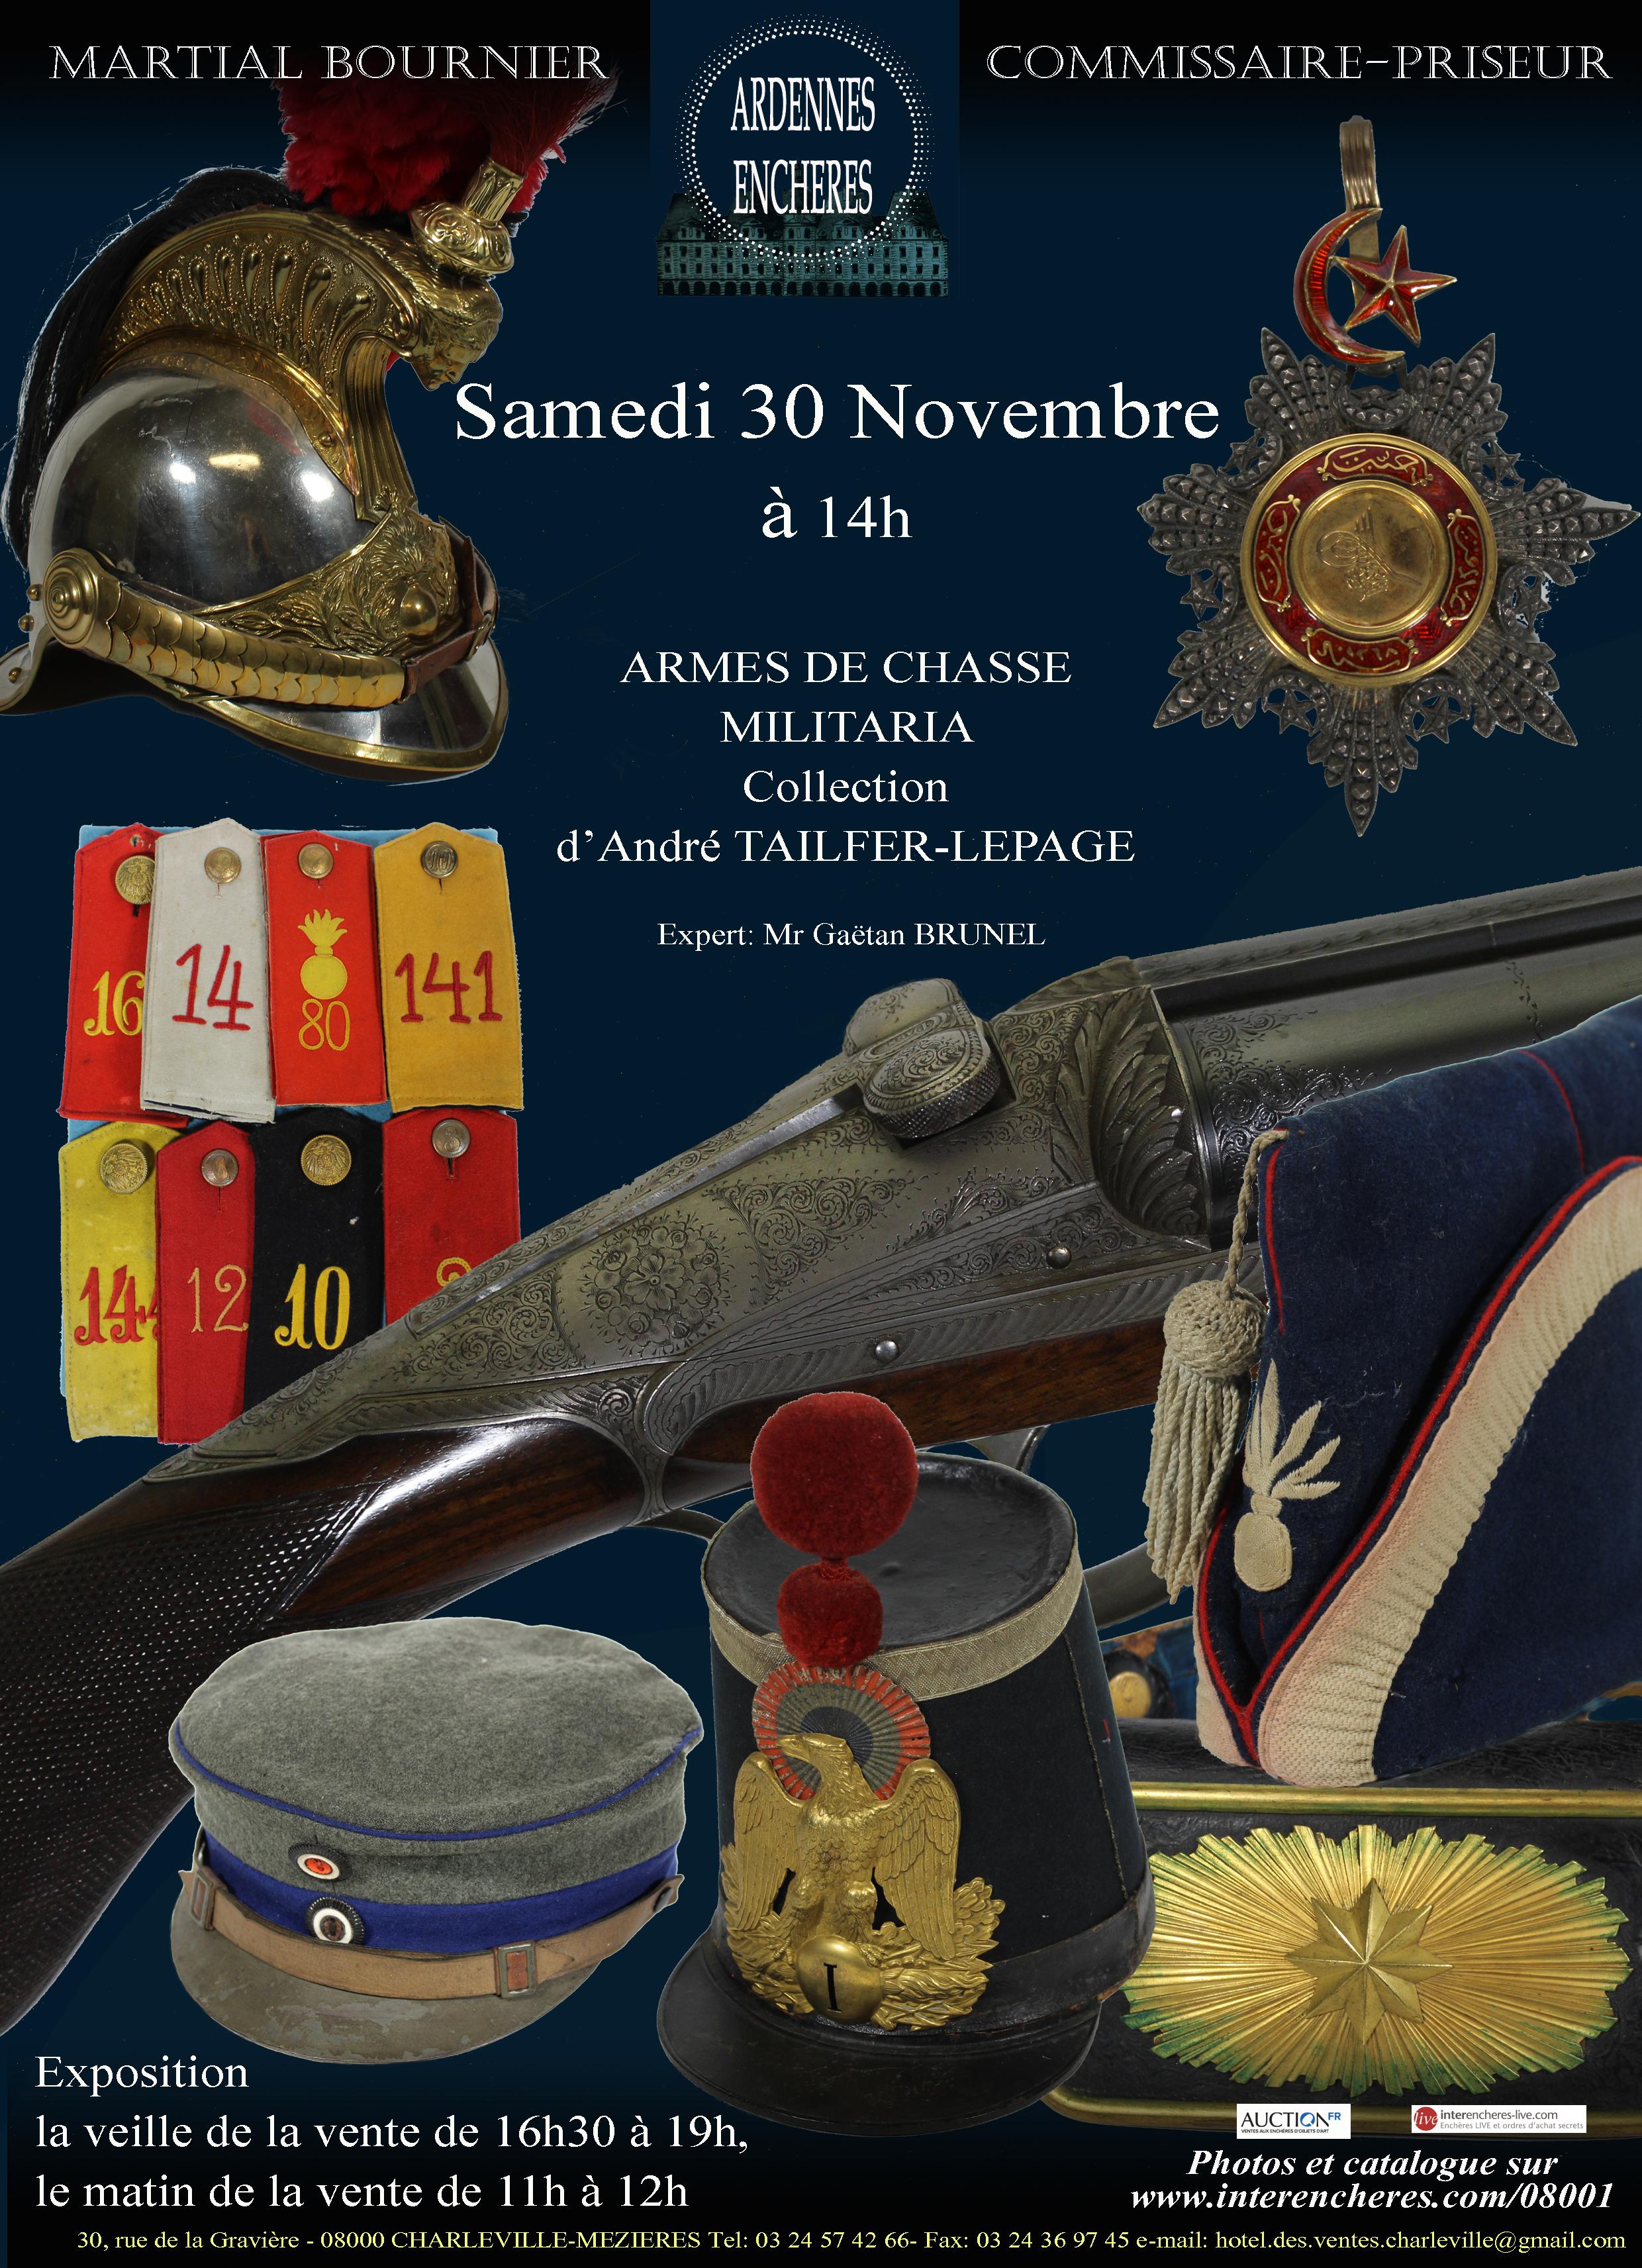 Vente Armes de Chasse & Militaria - Collection de Mr André Tailfer - Lepage